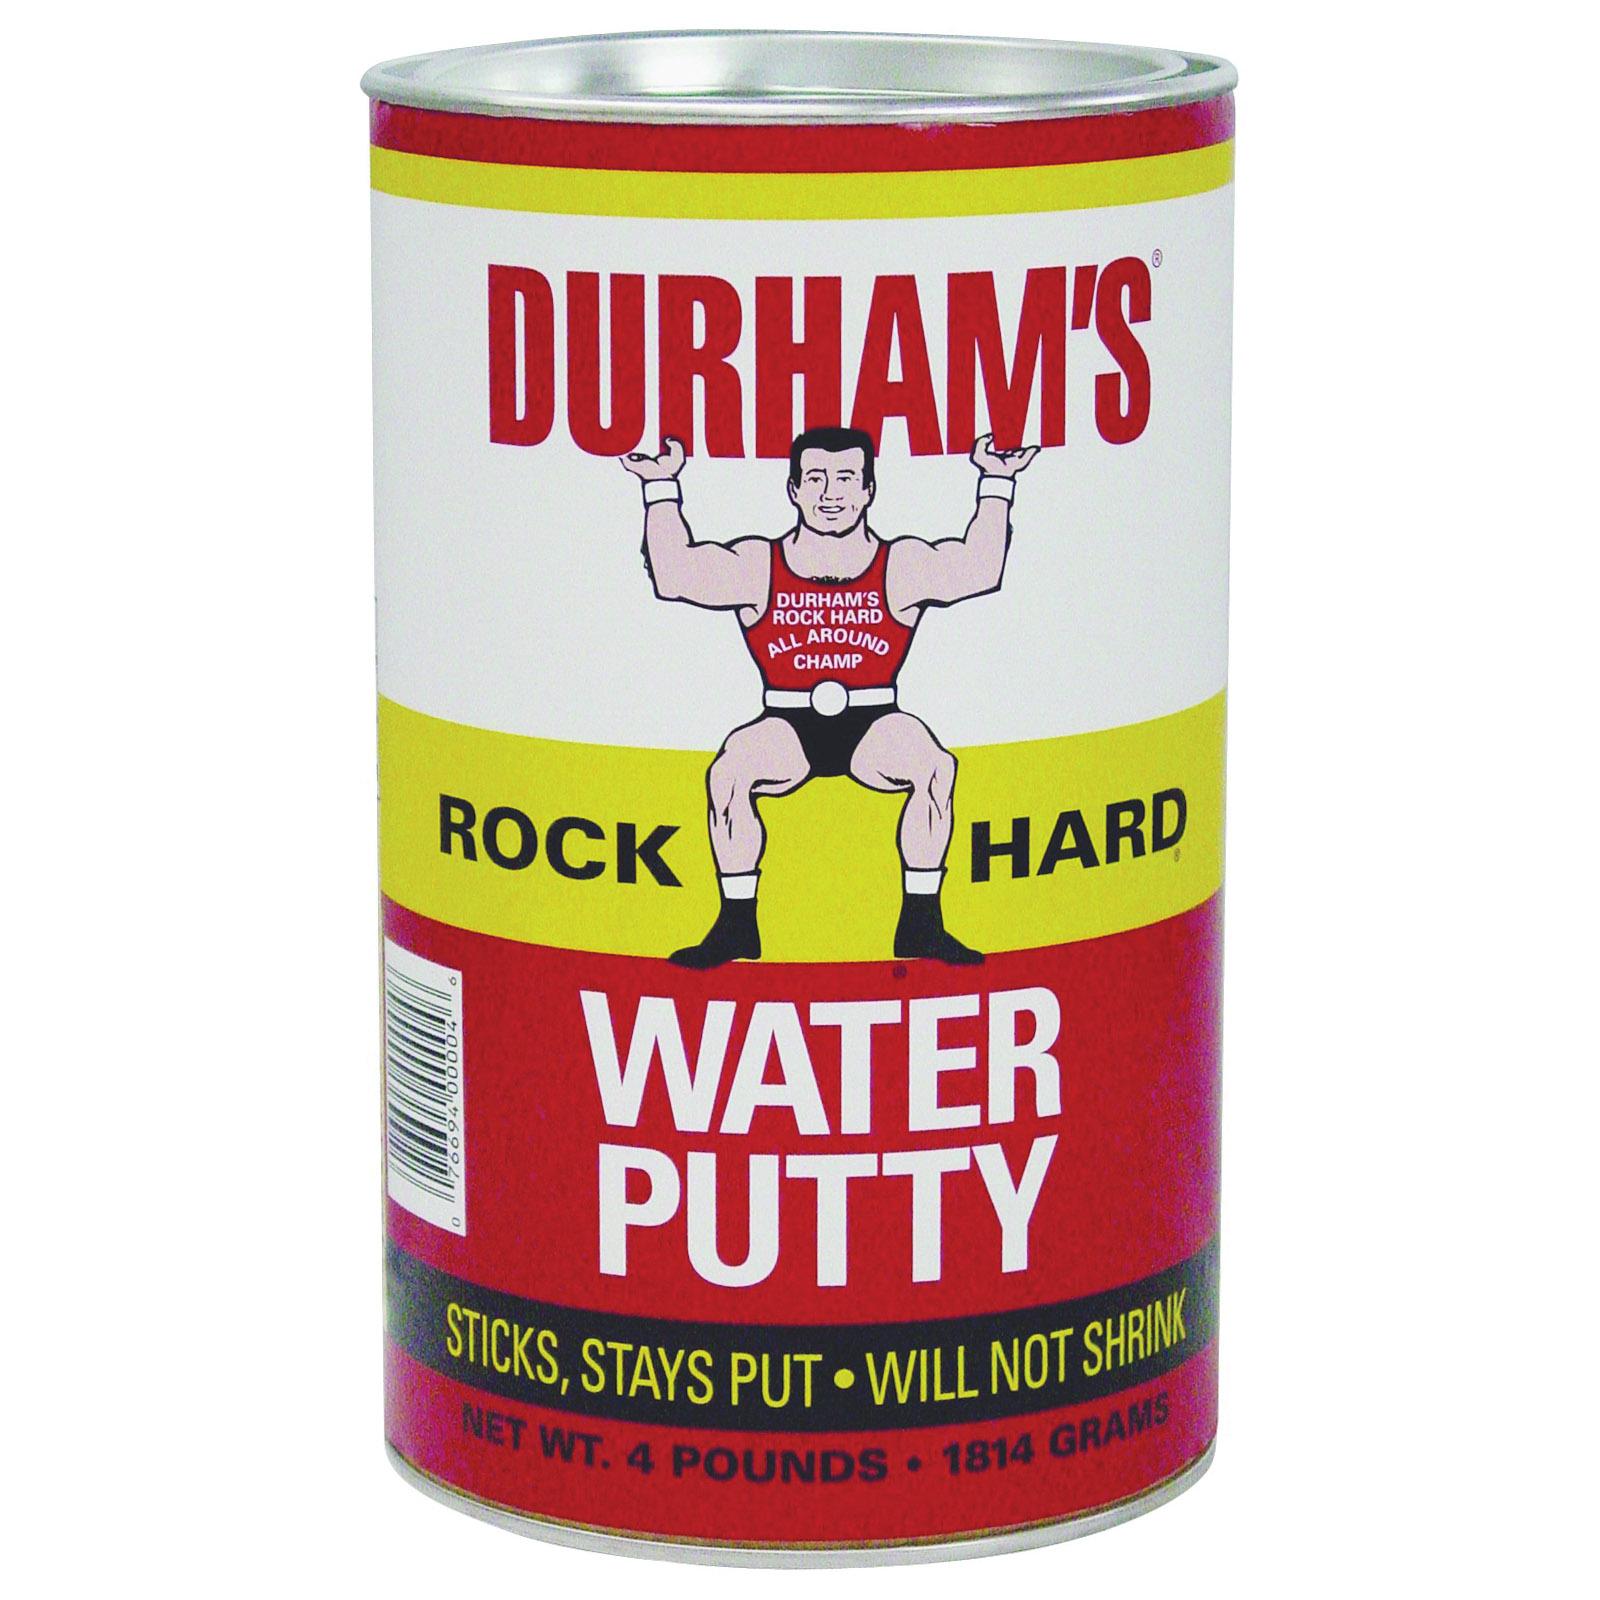 DURHAM'S 4